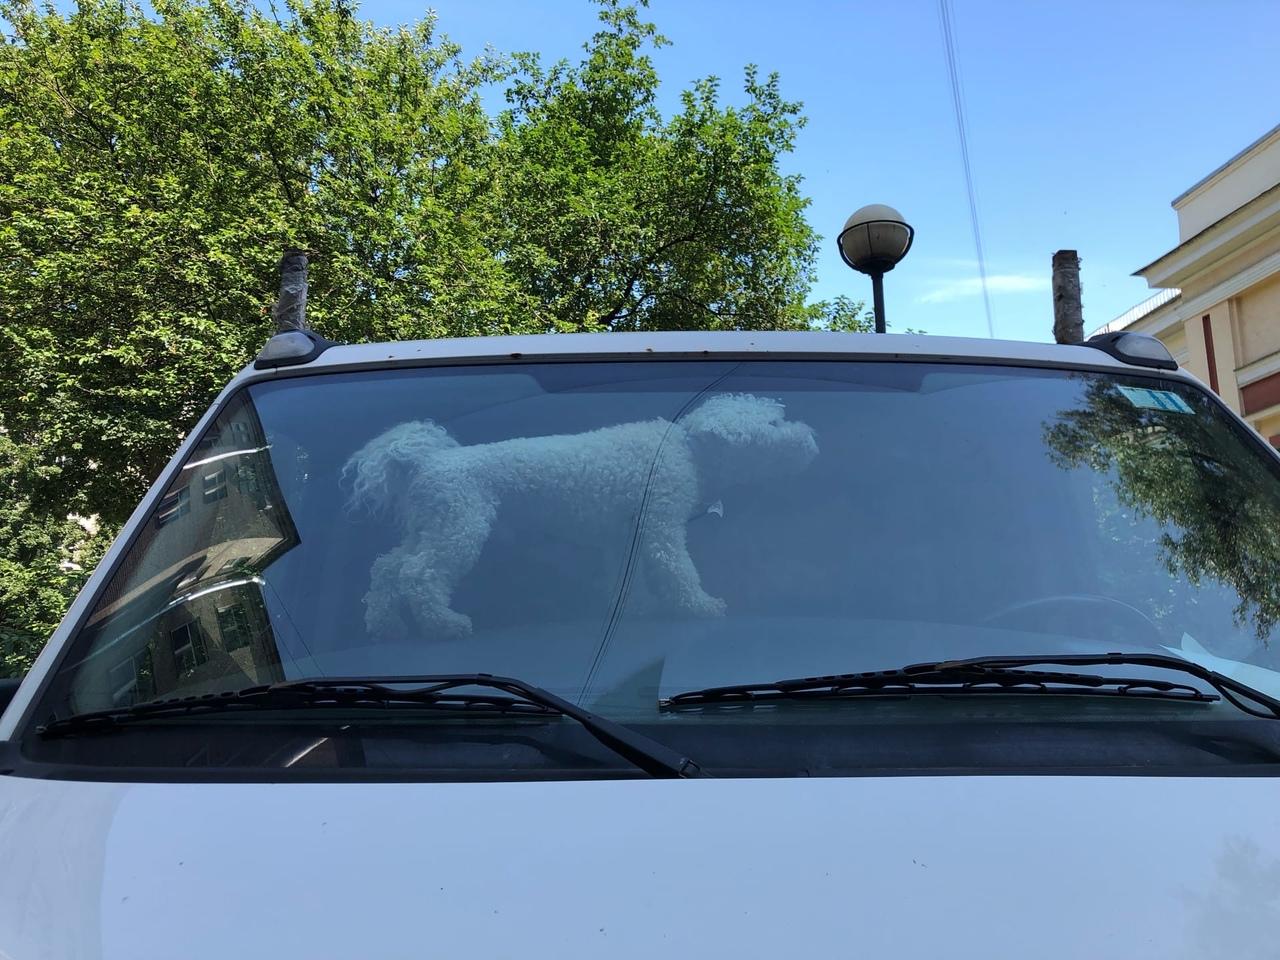 Водитель оставил машину с собакой в нашем дворе на Стачек. На улице 28 градусов, собачка лает за сте...